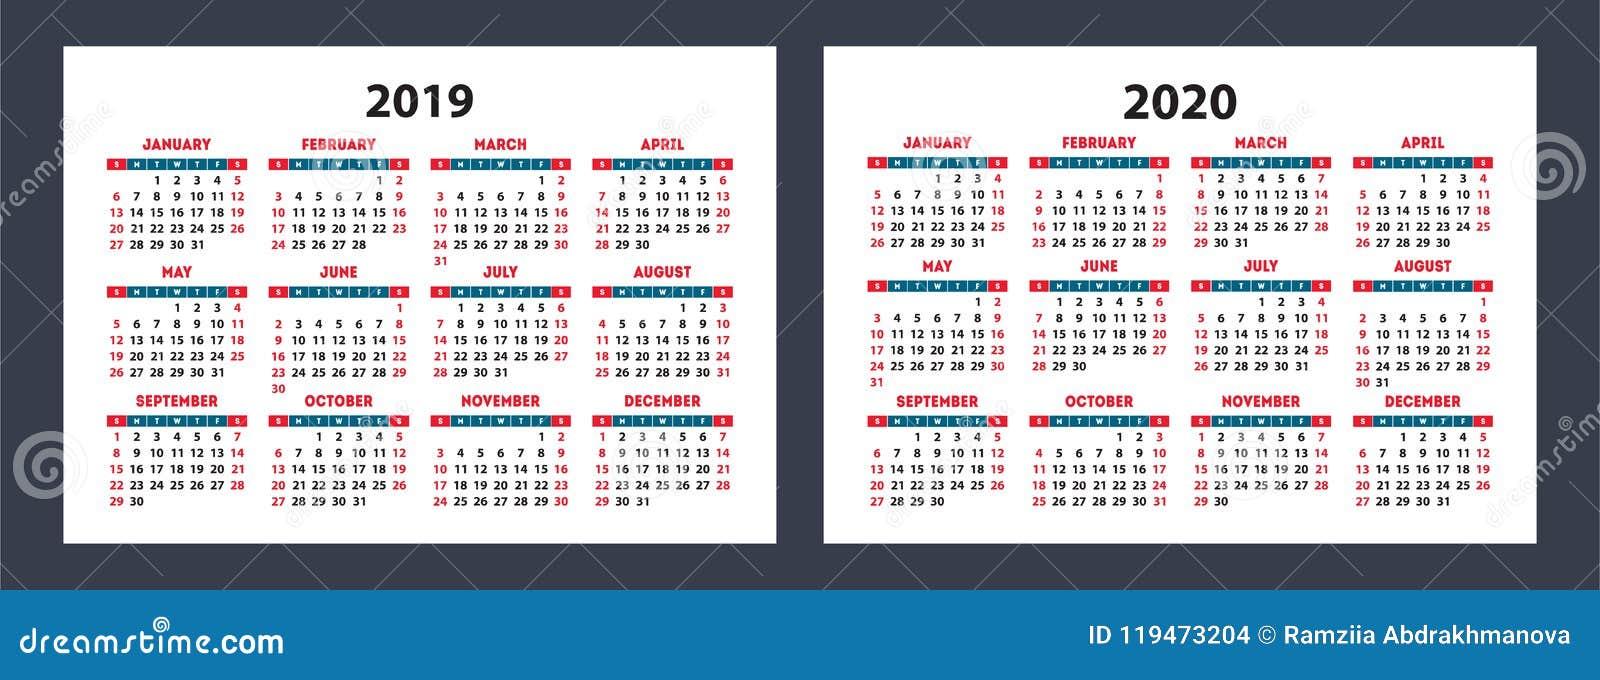 Calendrier De Poche 2019.Calendrier 2019 Poche 2020 Grille De Base De Vecteur